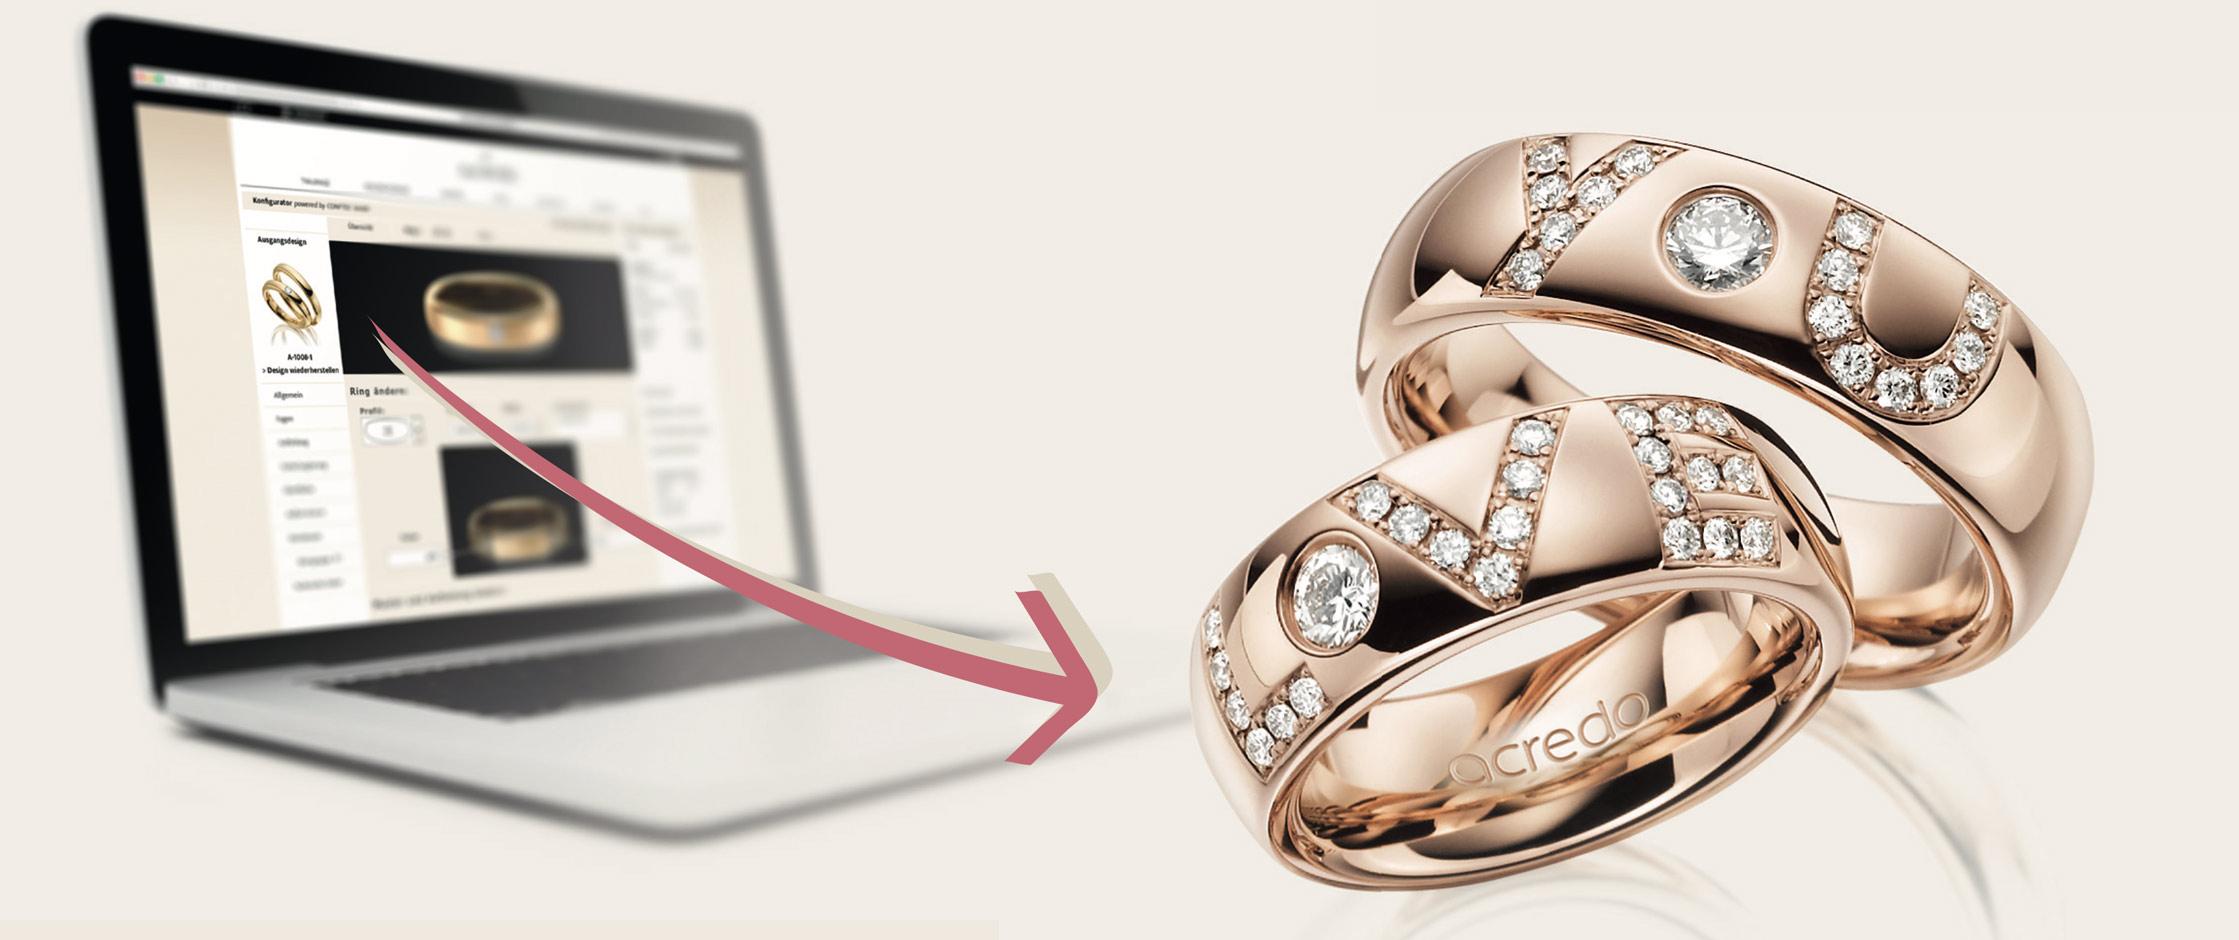 3d0eb023326 Comment choisir l alliance de mariage idéale  - Loverings